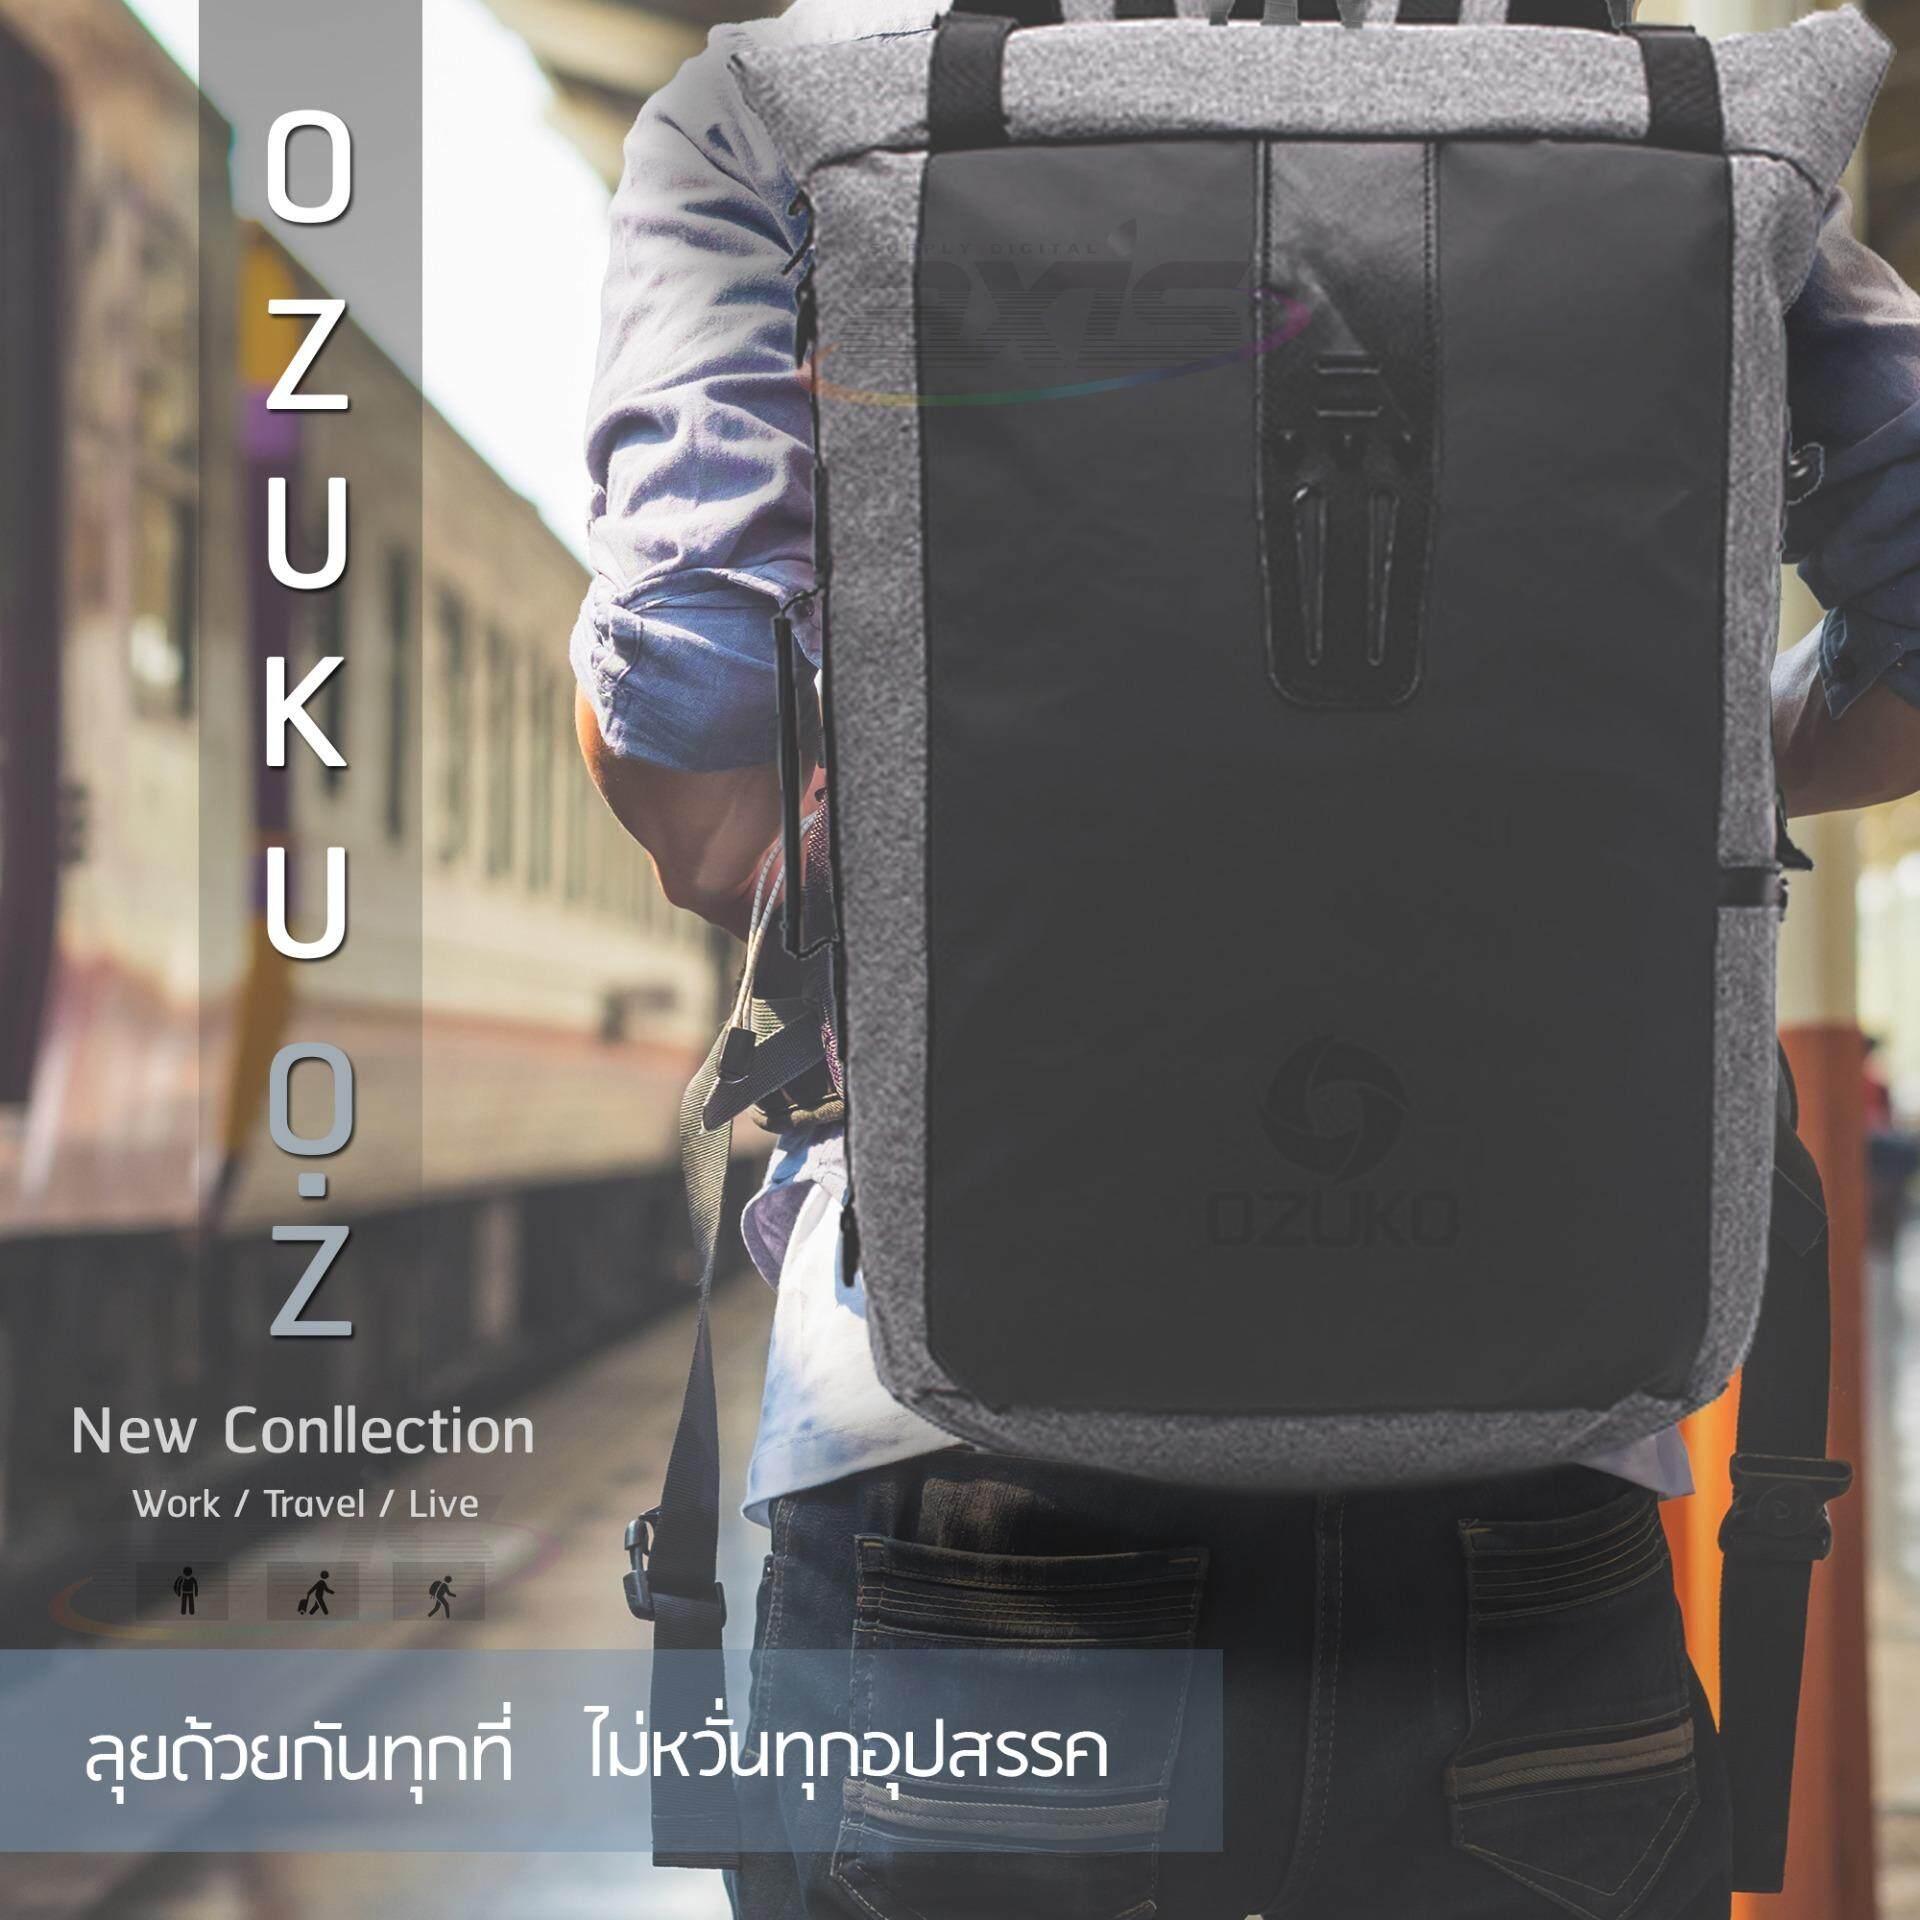 กระเป๋าเดินทาง Backpack ใบใหญ่ ใช้เดินป่า ท่องเที่ยว คงทนแข็งแรงใส่ของได้เยอะมีช่องซิปภายใน Notebook แฟ้มเอกสาร เสื้อผ้า โทรศัพท์มือถือ อื่นๆ Ozuko รุ่น O Z สีเทา กรุงเทพมหานคร